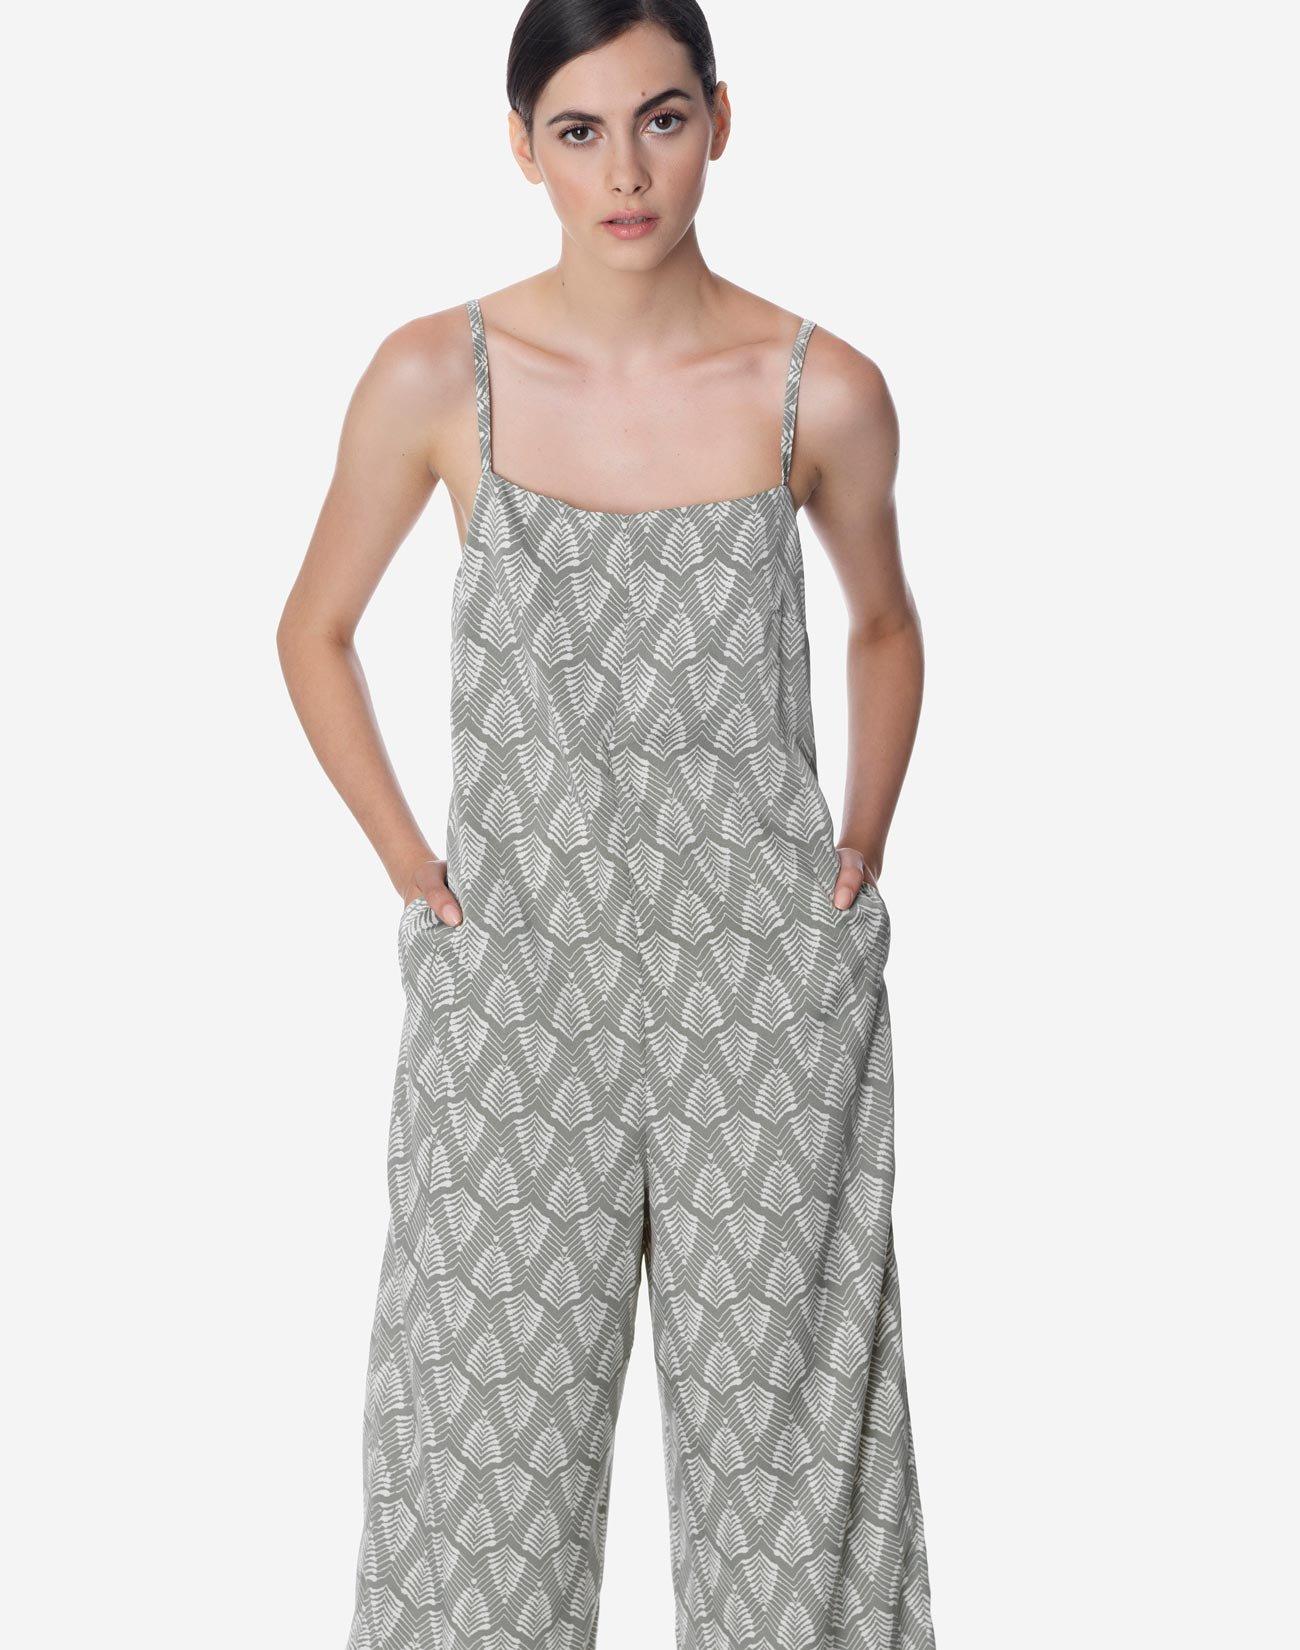 Ολόσωμη φόρμα με σχέδιο στην πλάτη